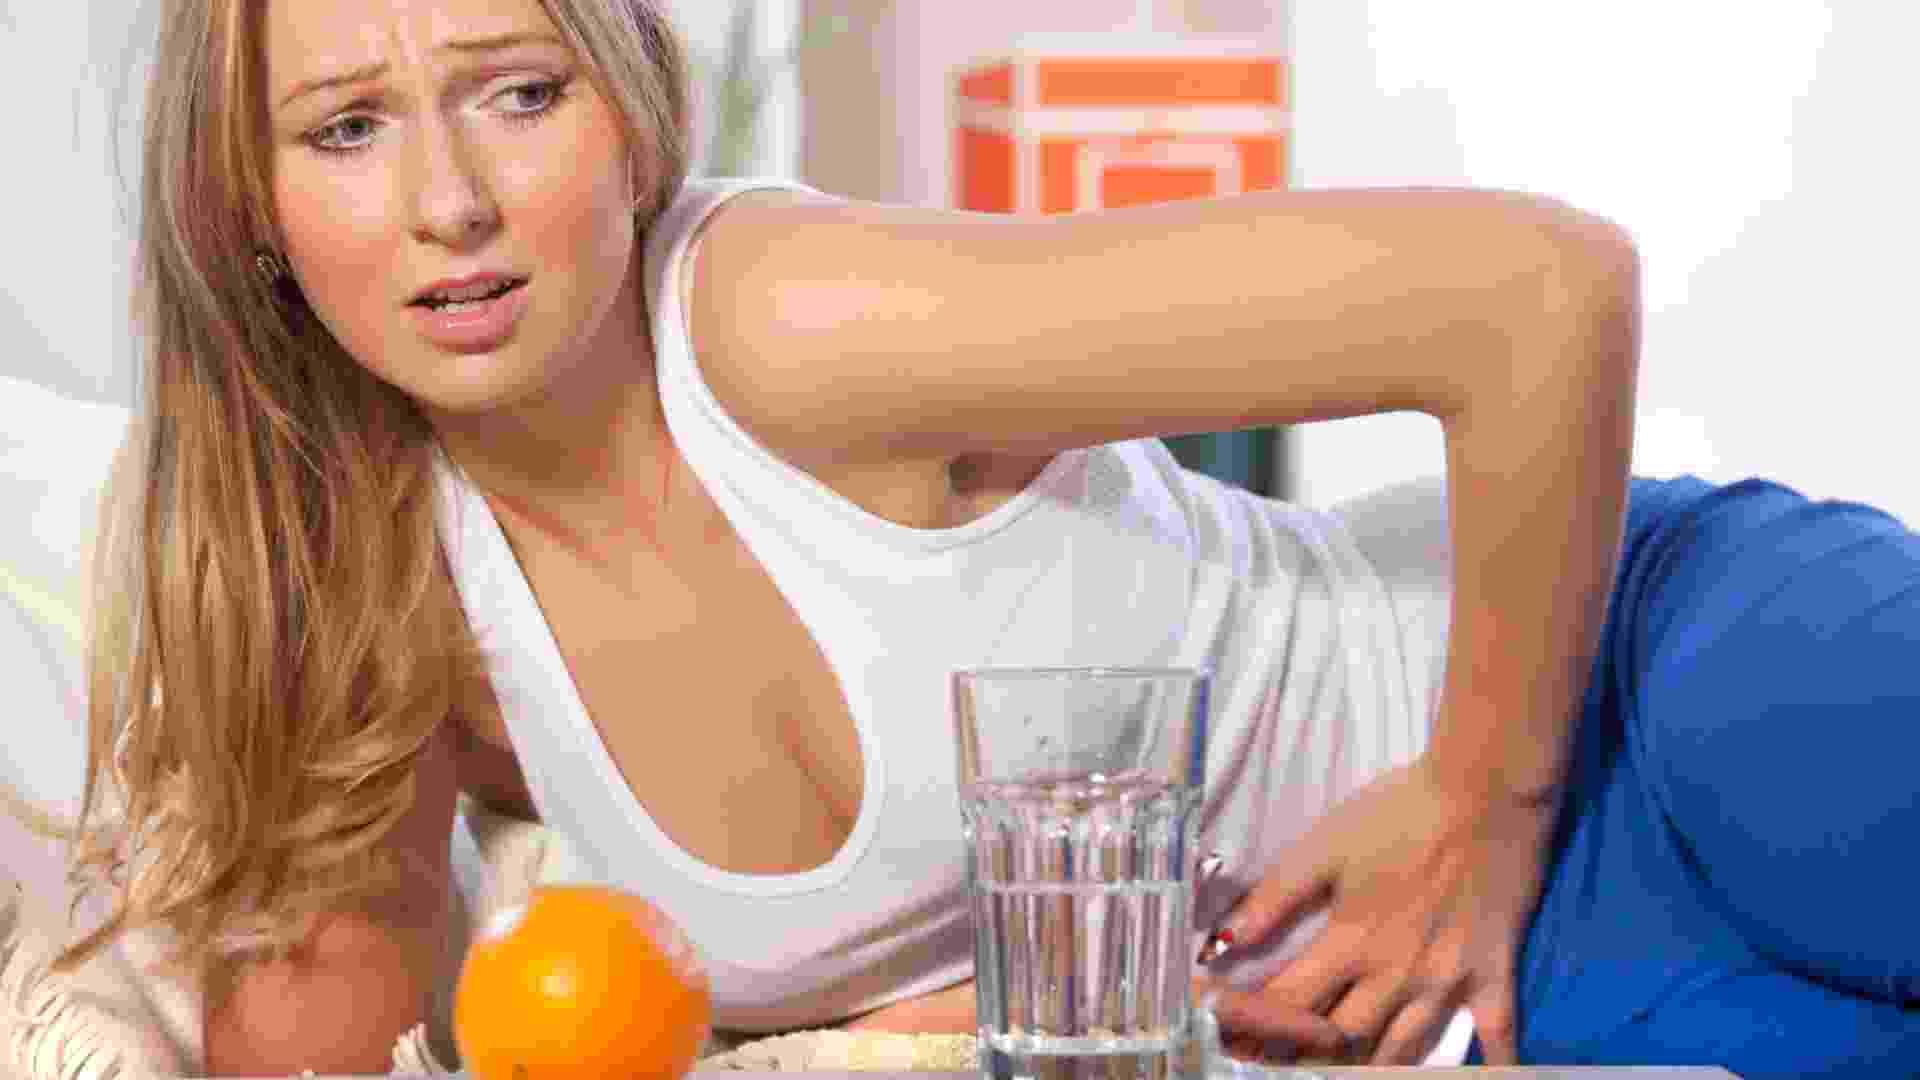 Mulher com dor de barriga, mulher com cólica, passando mal - Thinkstock